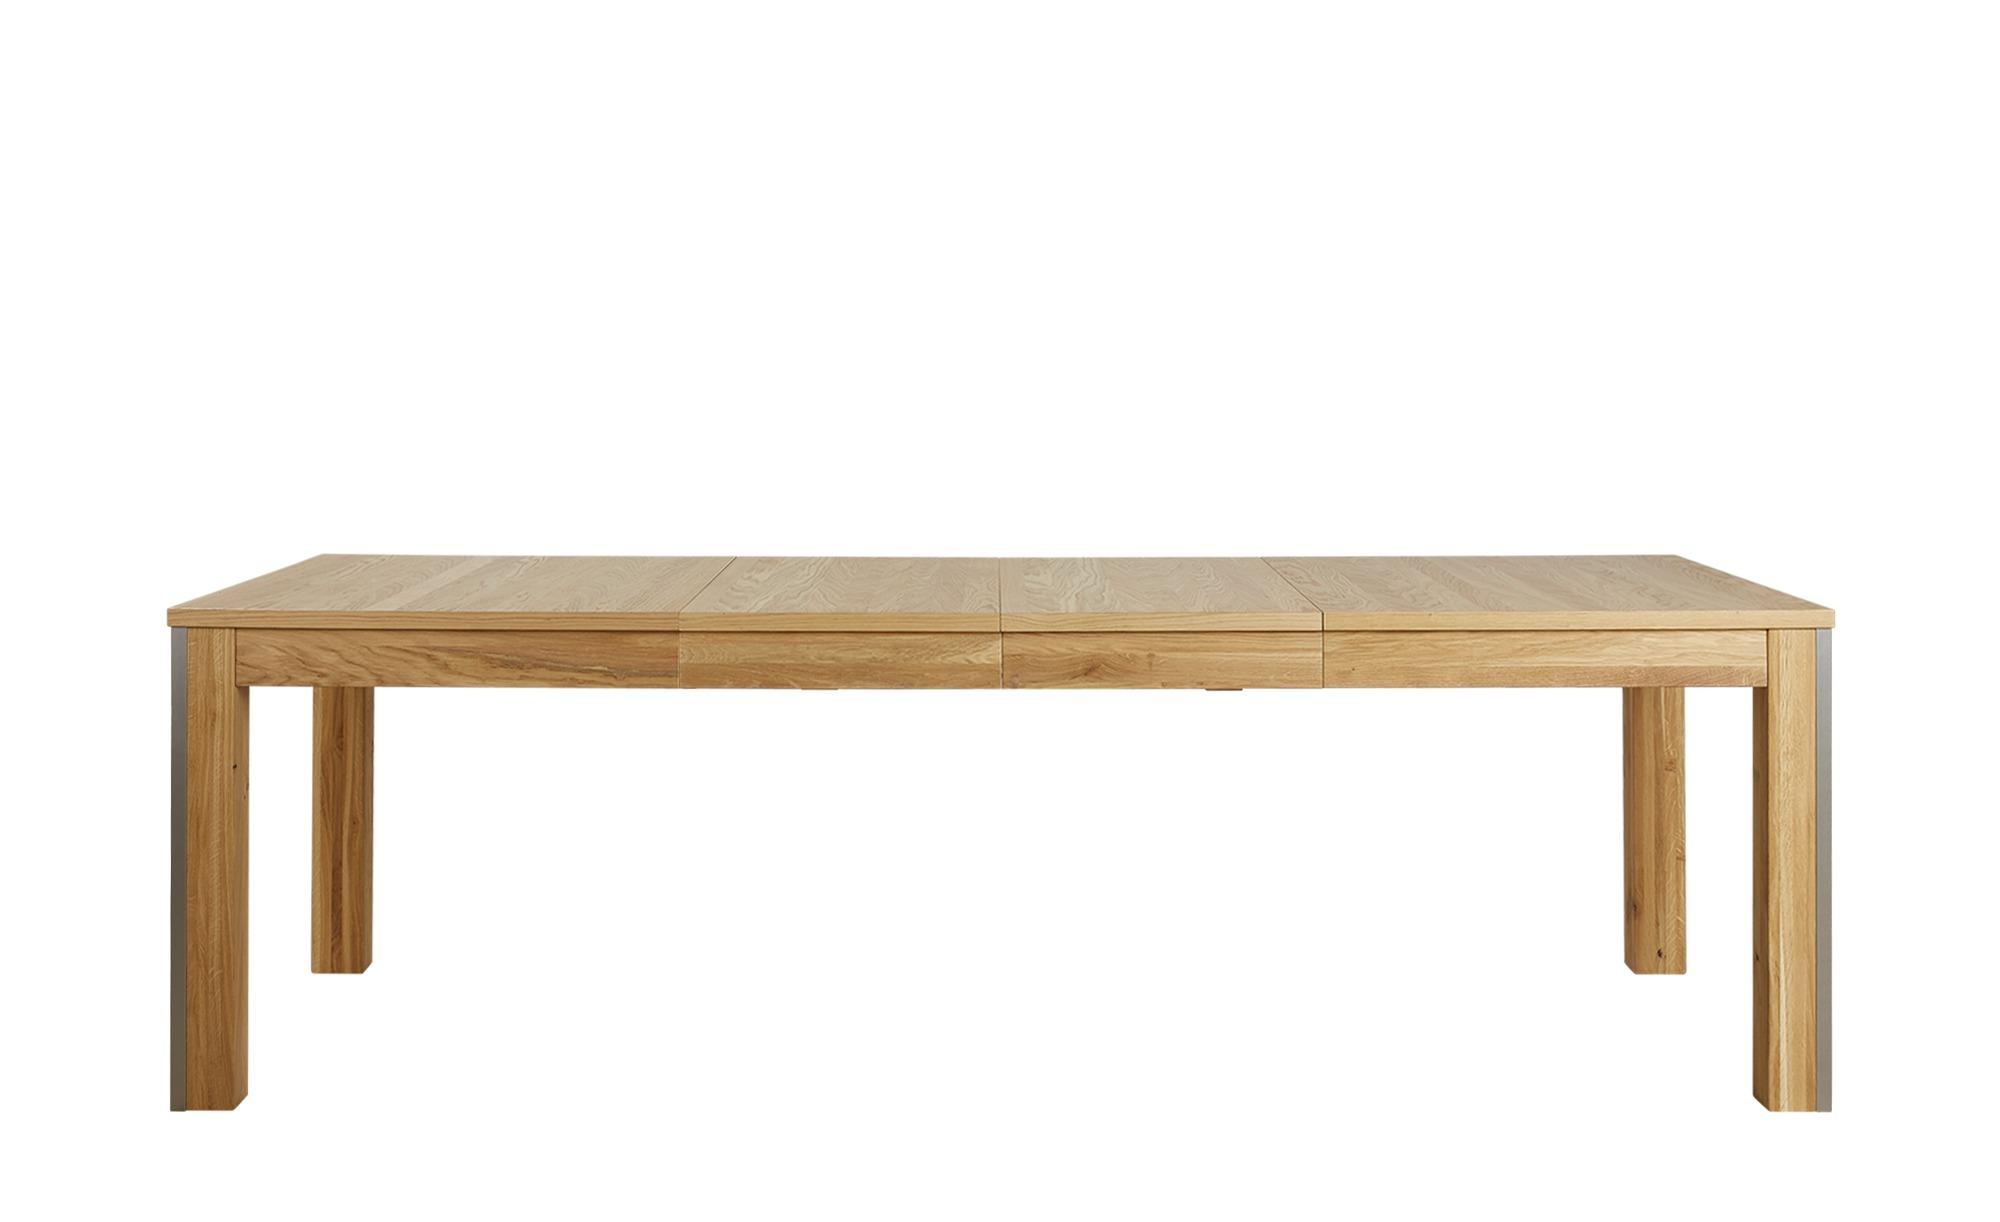 Woodford Esstisch ausziehbar  Felino ¦ holzfarben ¦ Maße (cm): B: 90 H: 77 Tische > Esstische > Esstische ausziehbar - Höffner